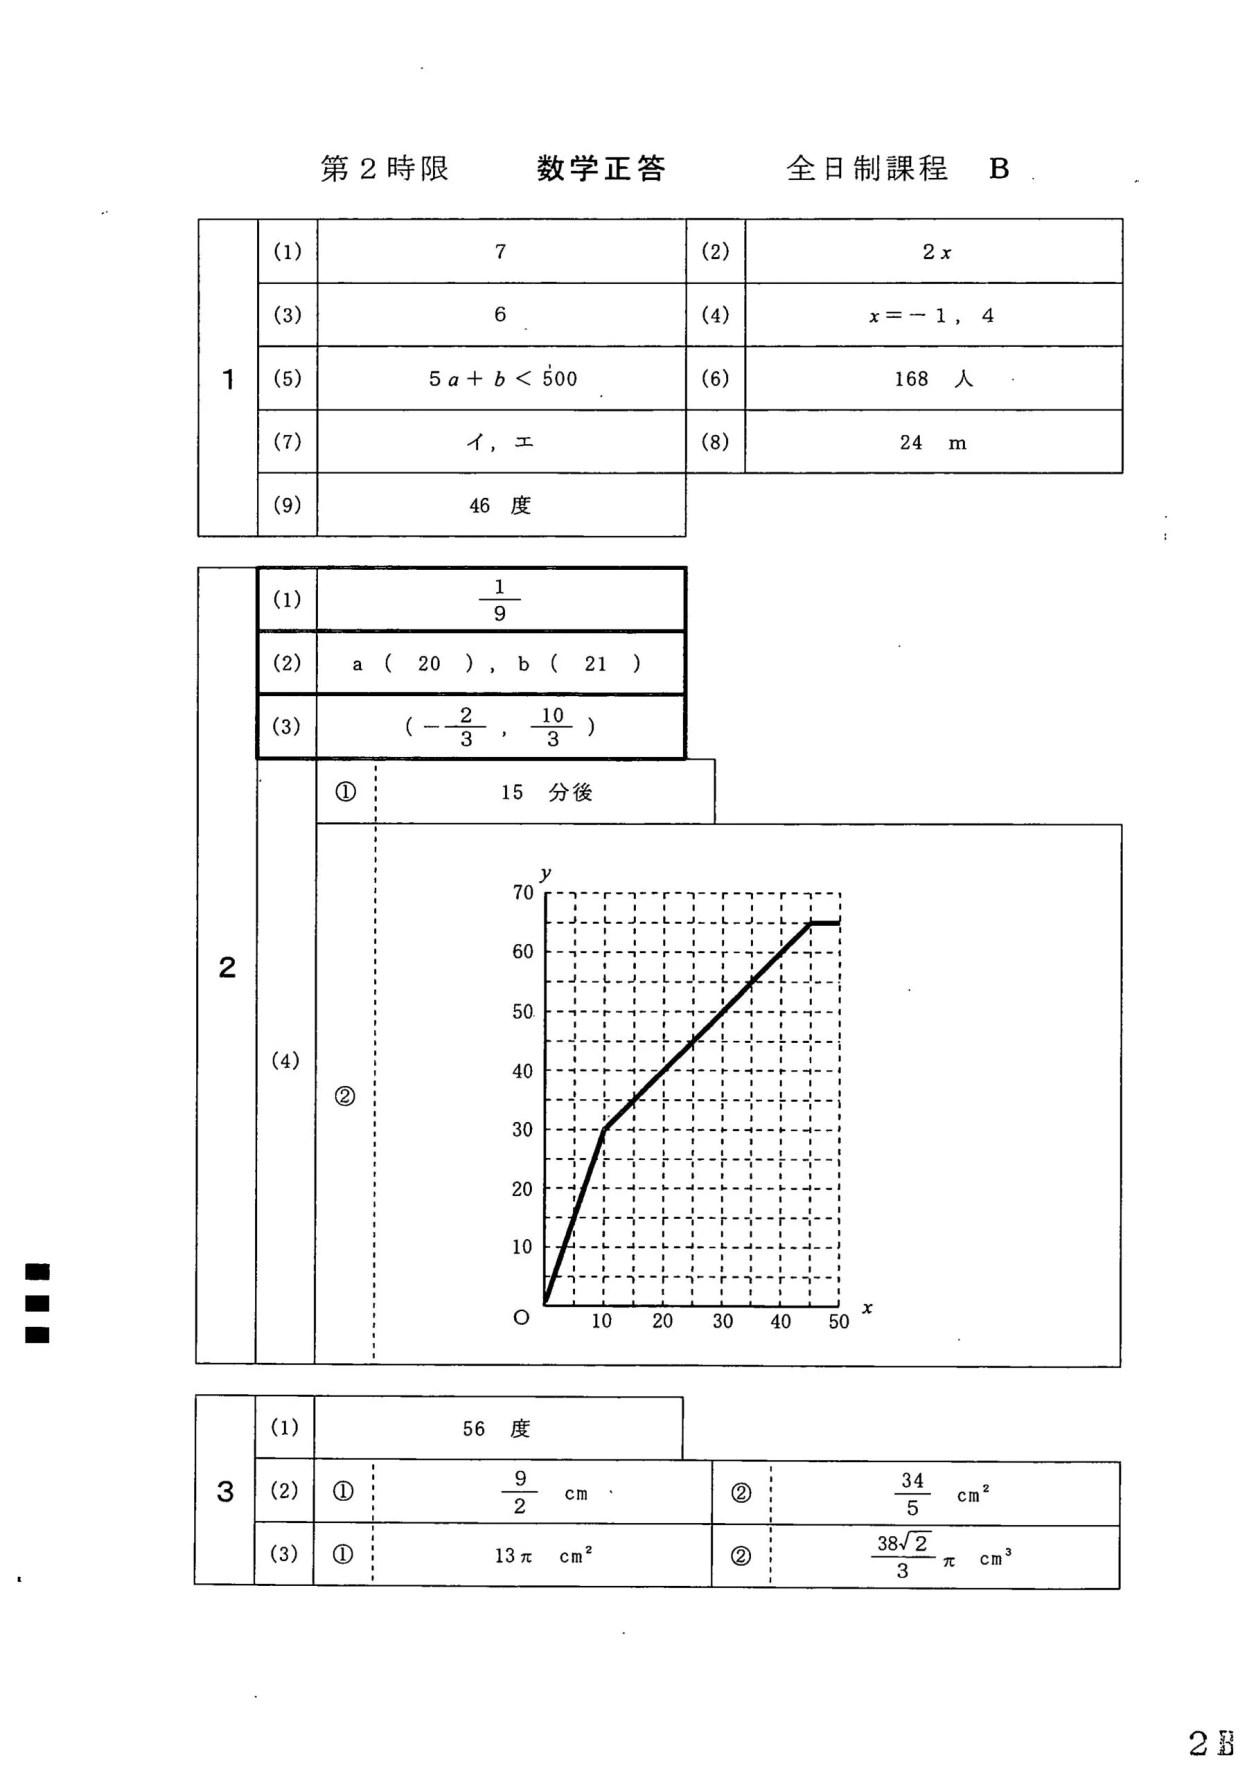 2020愛知県公立高校B数学_模範解答例